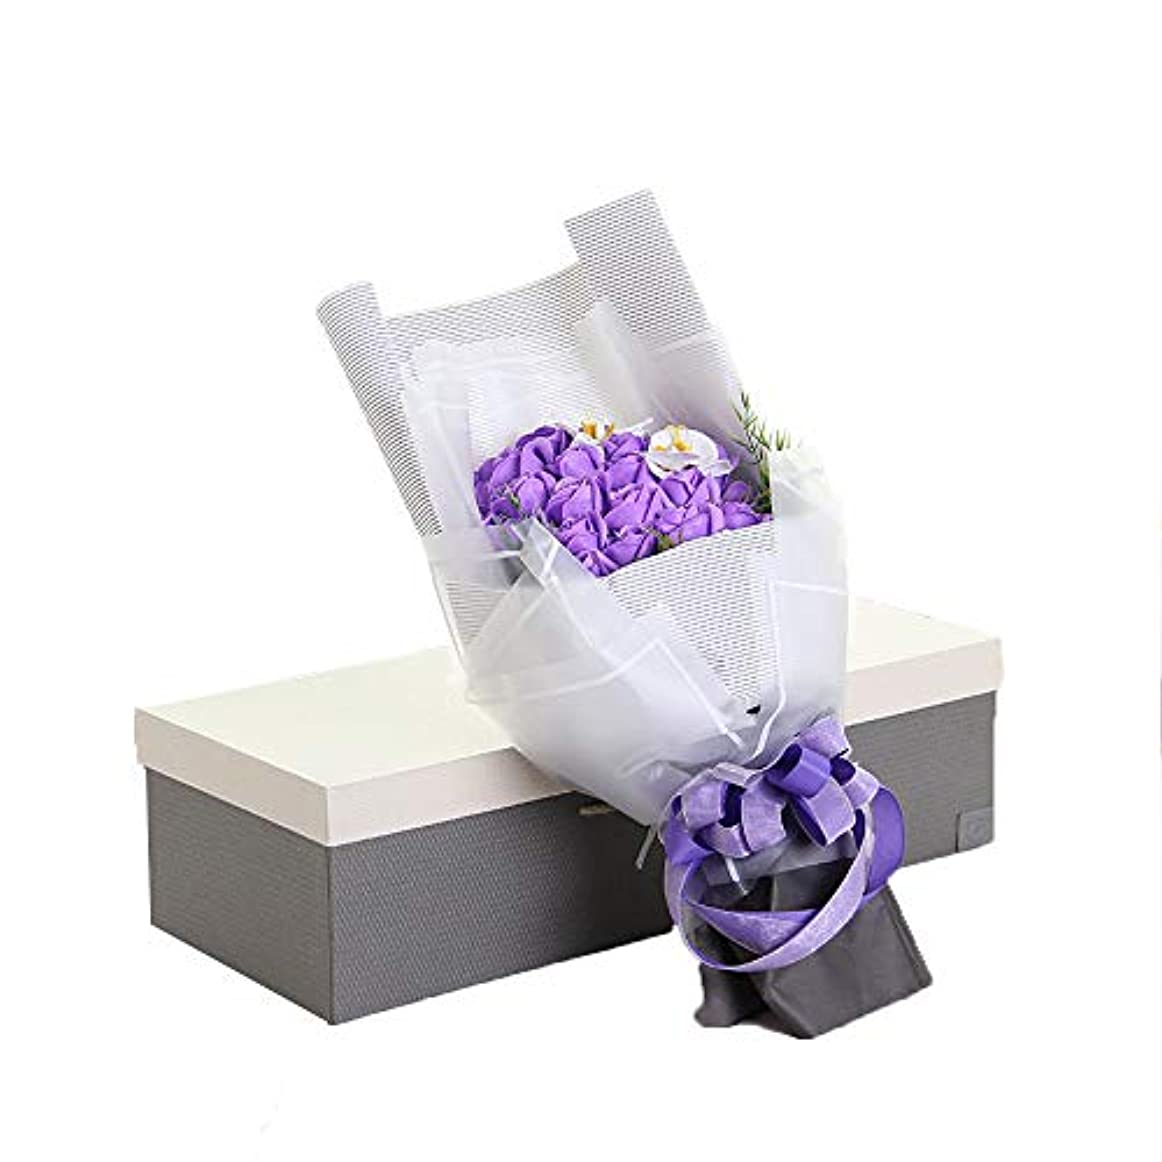 経過ひそかに裏切り者手作り29石鹸花の花束ギフトボックス、女性のためのギフトバレンタインデー、母の日、結婚式、クリスマス、誕生日(ベアカラーランダム) (色 : 紫の)